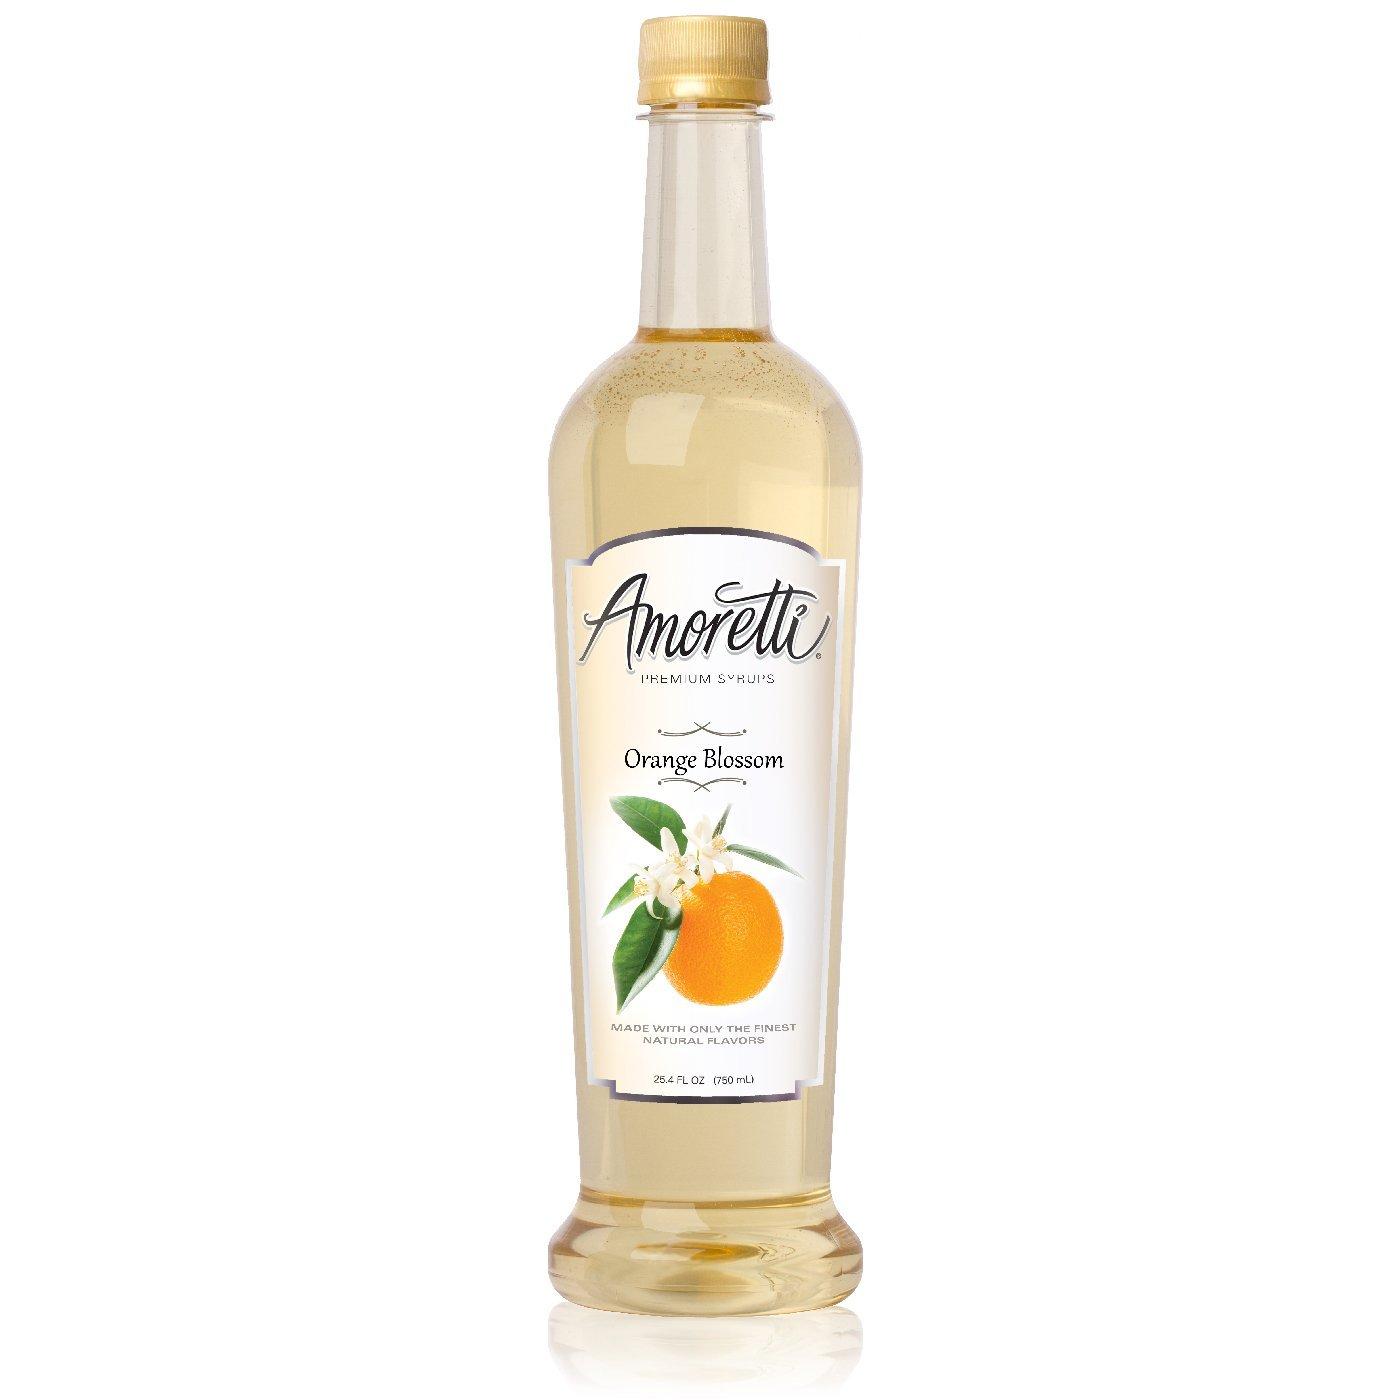 Amoretti Premium Syrup, Orange Blossom, 25.4 Ounce